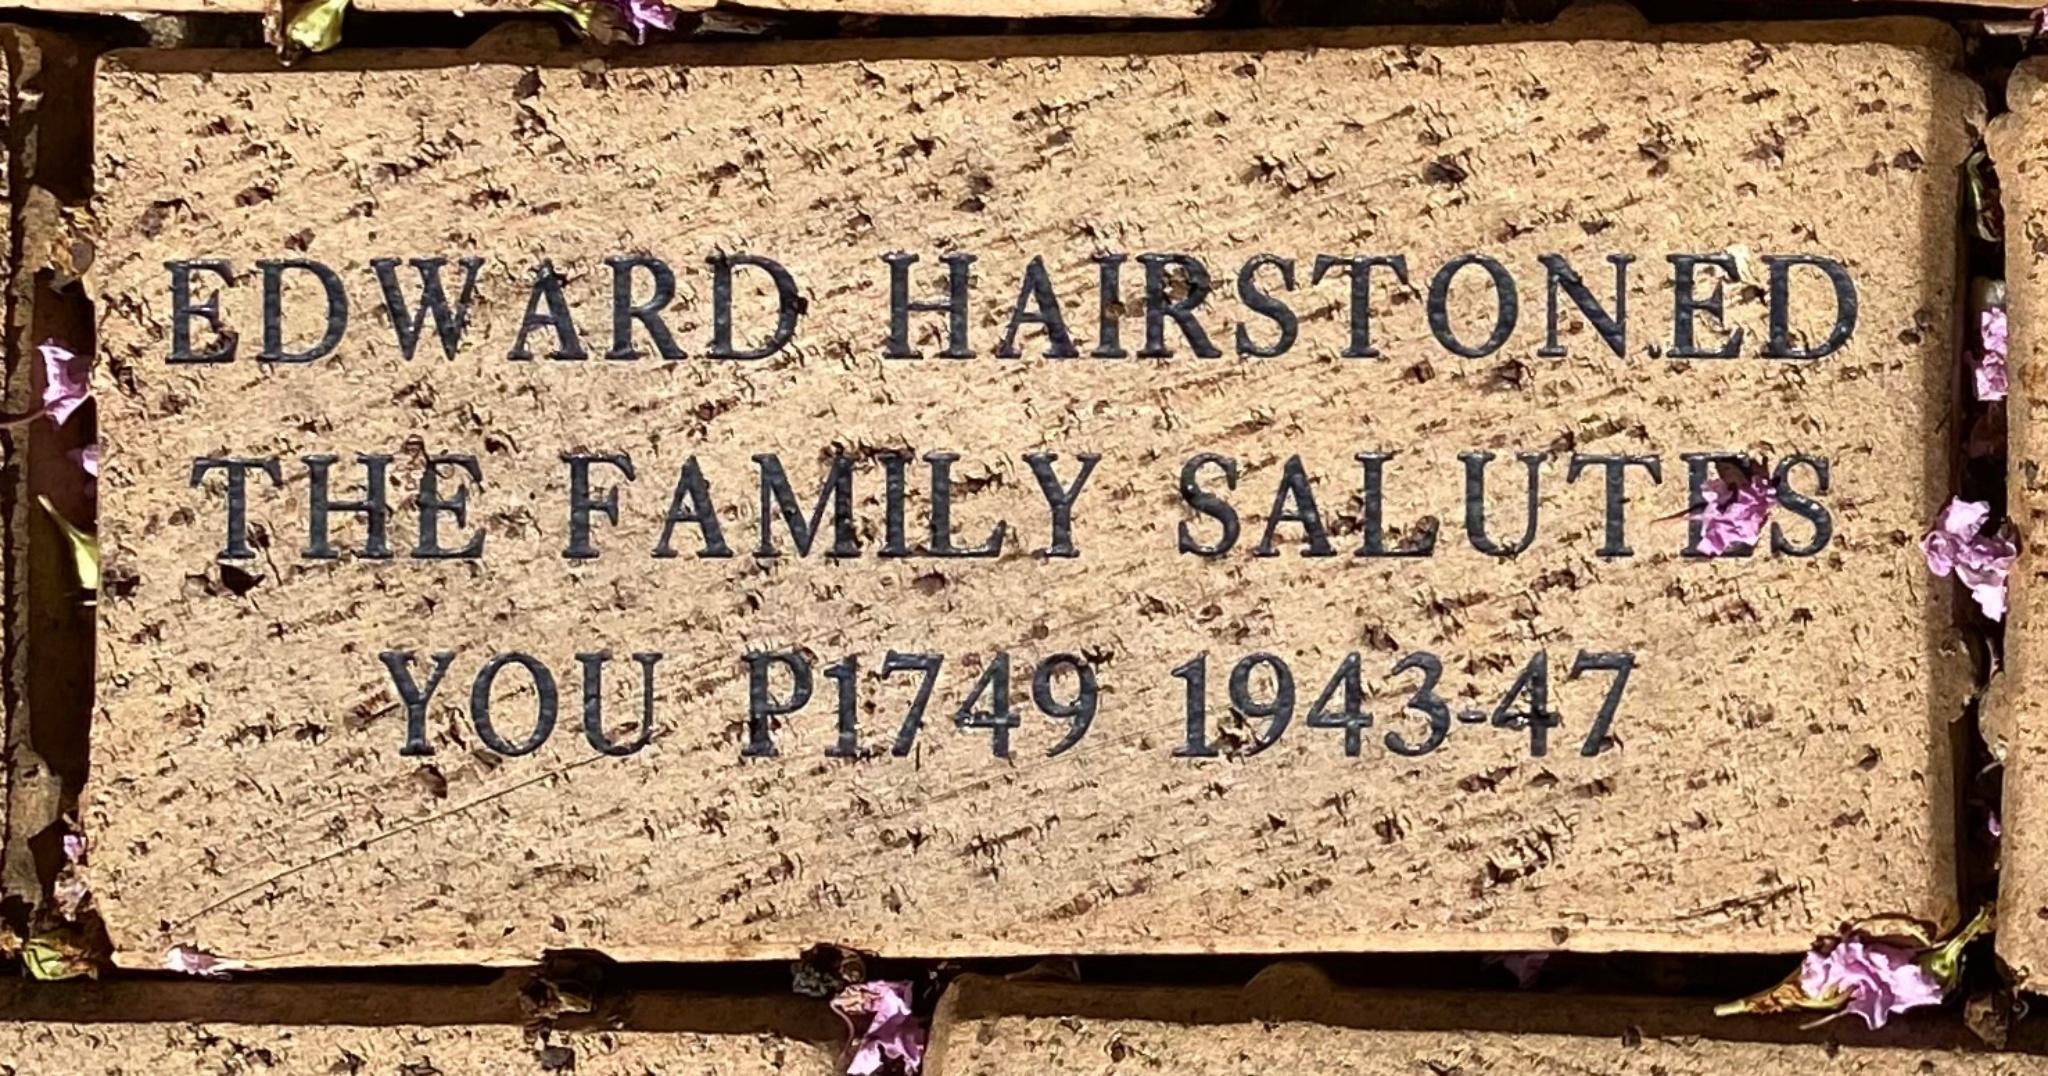 EDWARD HAIRSTON, ED THE FAMILY SALUTES YOU P1749 1943-47